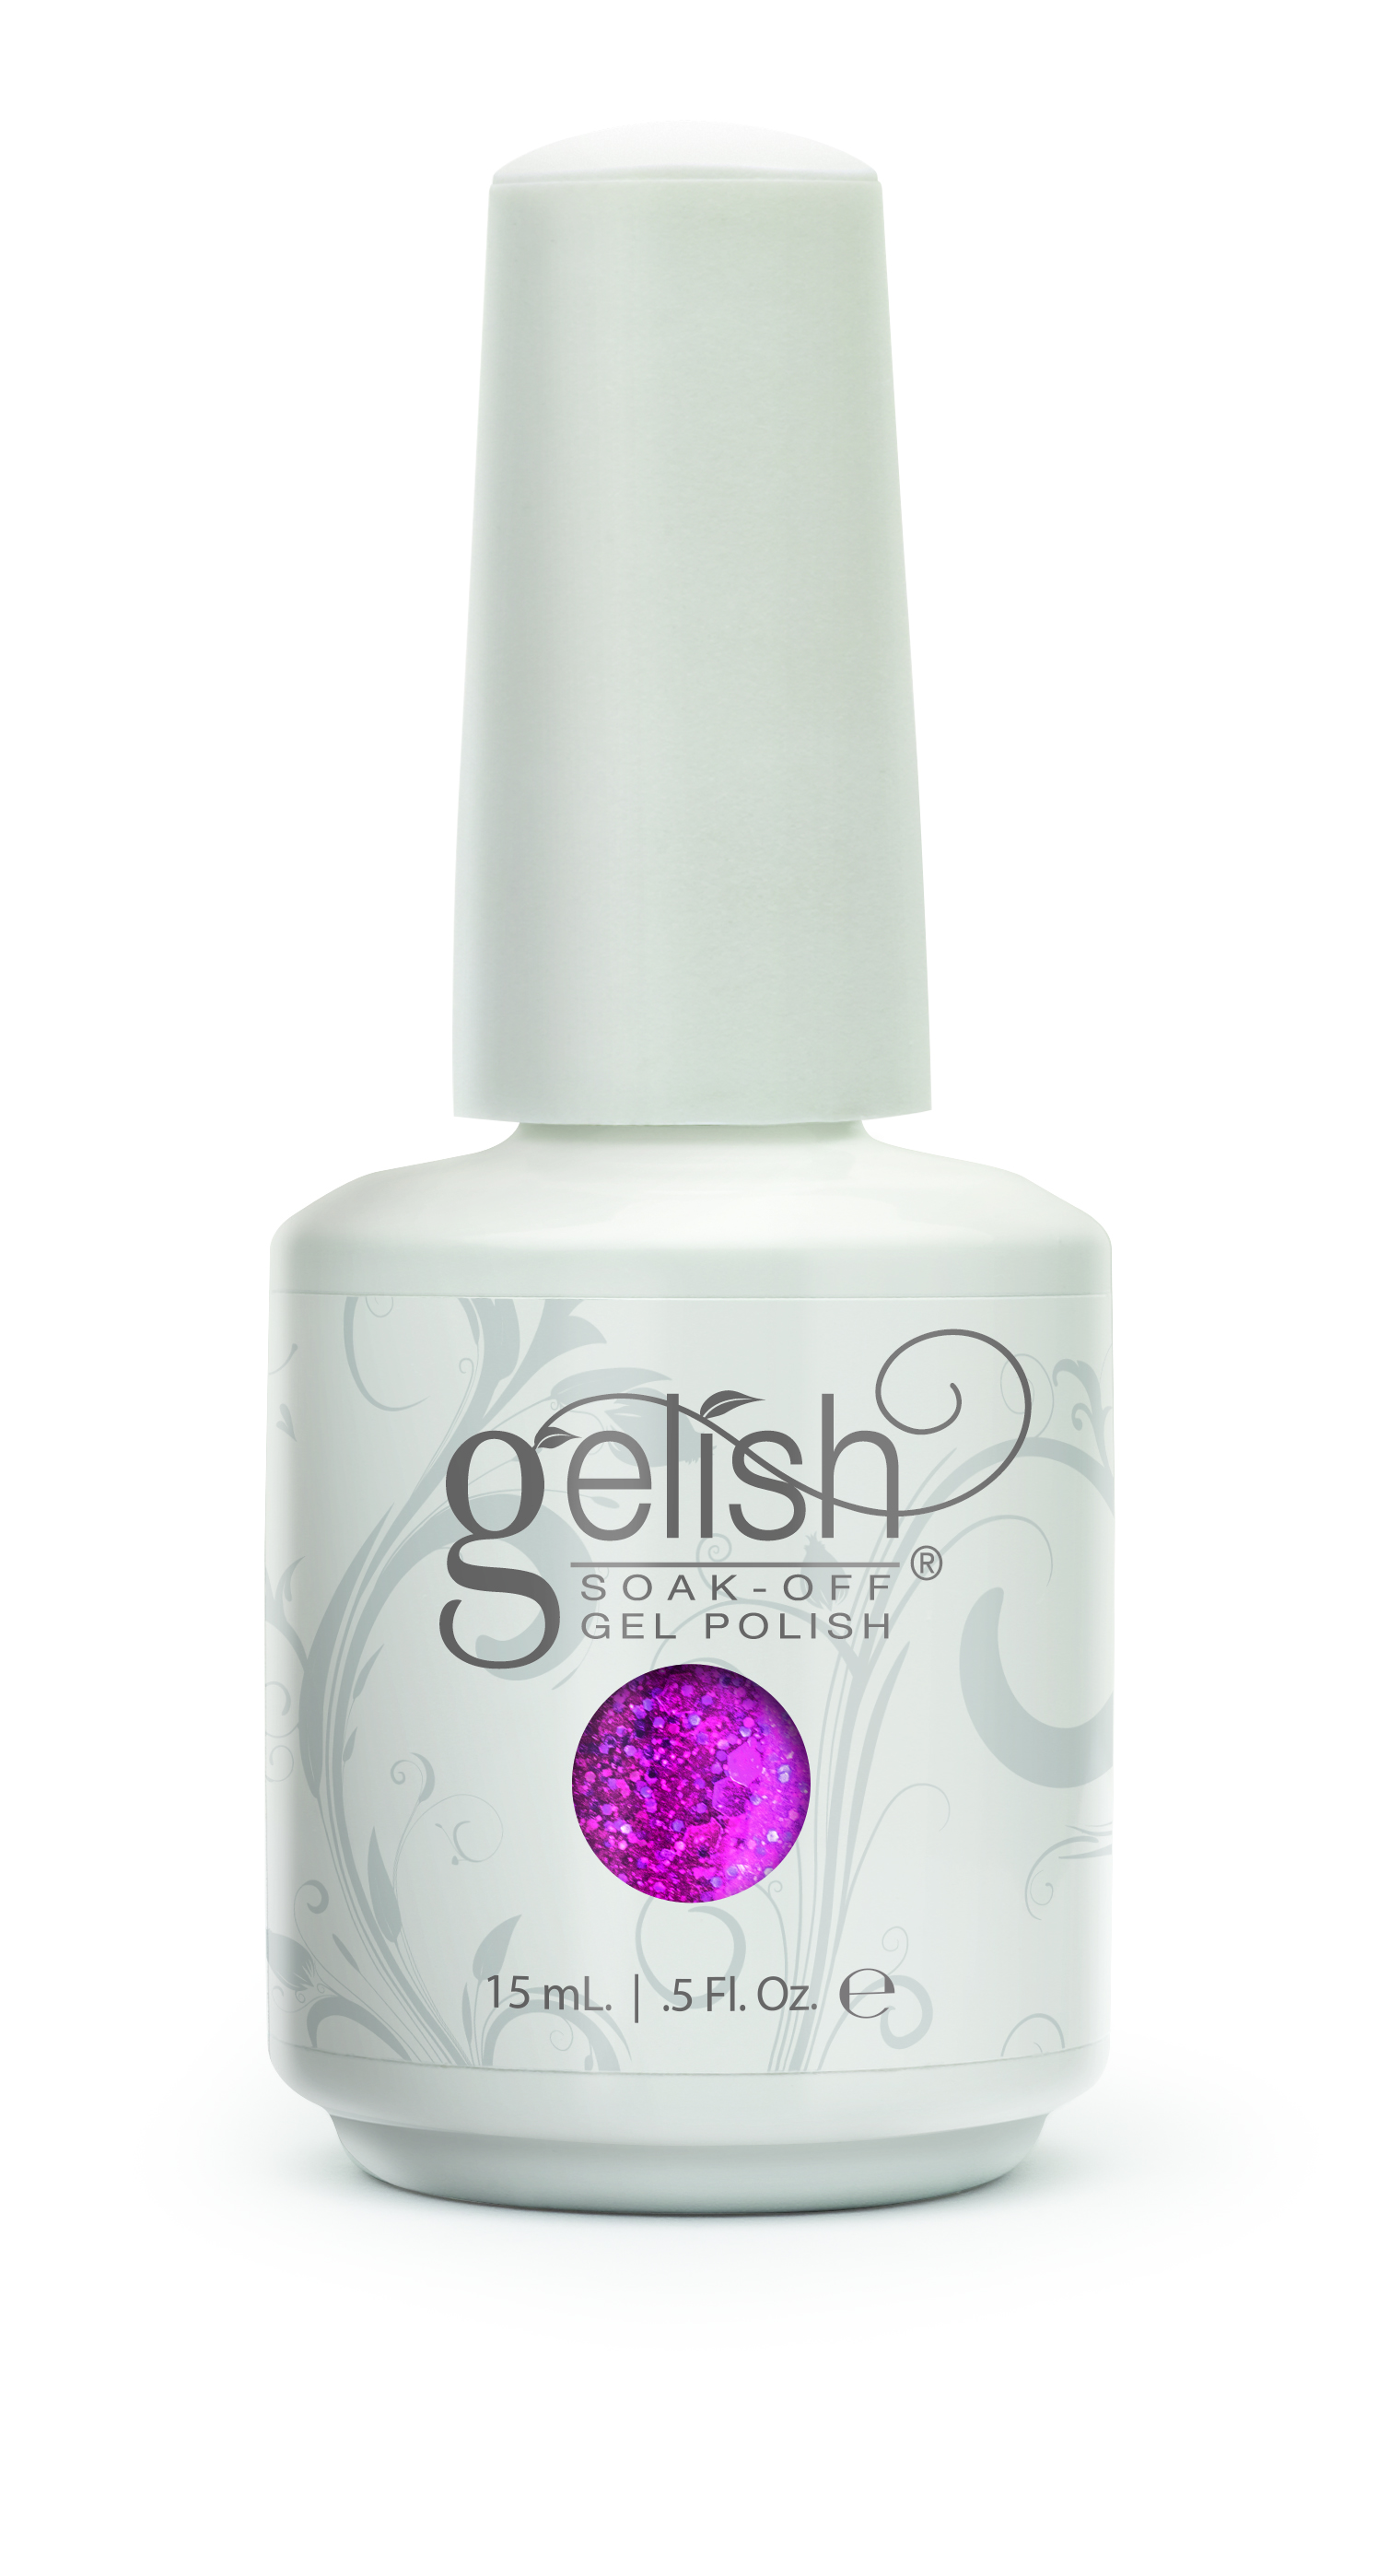 GELISH Гель-лак Too Tough To Be Sweet / GELISH 15млГель-лаки<br>Гель-лак Gelish наносится на ноготь как лак, с помощью кисточки под колпачком. Процедура нанесения схожа с&amp;nbsp;нанесением обычного цветного покрытия. Все гель-лаки Harmony Gelish выполняют функцию еще и укрепляющего геля, делая ногти более прочными и длинными. Ногти клиента находятся под защитой гель-лака, они не ломаются и не расслаиваются. Гель-лаки Gelish после сушки в LED или УФ лампах держатся на натуральных ногтях рук до 3 недель, а на ногтях ног до 5 недель. Способ применения: Подготовительный этап. Для начала нужно сделать маникюр. В зависимости от ваших предпочтений это может быть европейский, классический обрезной, СПА или аппаратный маникюр. Главное, сдвинуть кутикулу с ногтевого ложа и удалить ороговевшие участки кожи вокруг ногтей. Особенностью этой системы является то, что перед нанесением базового слоя необходимо обработать ноготь шлифовочным бафом Harmony Buffer 100/180 грит, для того, чтобы снять глянец. Это поможет улучшить сцепку покрытия с ногтем. Пыль, которая осталась после опила, излишки жира и влаги удаляются с помощью обезжиривателя Бондер / GELISH pH Bond 15&amp;nbsp;мл или любого другого дегитратора. Нанесение искусственного покрытия Harmony.&amp;nbsp; После того, как подготовительные процедуры завершены, можно приступать непосредственно к нанесению искусственного покрытия Harmony Gelish. Как и все гелевые лаки, продукцию этого бренда необходимо полимеризовать в лампе. Гель-лаки Gelish сохнут (полимеризуются) под LED или УФ лампой. Время полимеризации: В LED лампе 18G/6G = 30 секунд В LED лампе Gelish Mini Pro = 45 секунд В УФ лампах 36 Вт = 120 секунд В УФ лампе Harmony Mini Portable UV Light = 180 секунд ПРИМЕЧАНИЕ: подвергать полимеризации необходимо каждый слой гель-лакового покрытия! 1)Первым наносится тонкий слой базового покрытия Gelish Foundation Soak Off Base Gel 15 мл. 2)Следующий шаг   нанесение цветного гель-лака Harmony Gelish.&amp;nbsp; 3)Заключительный этап